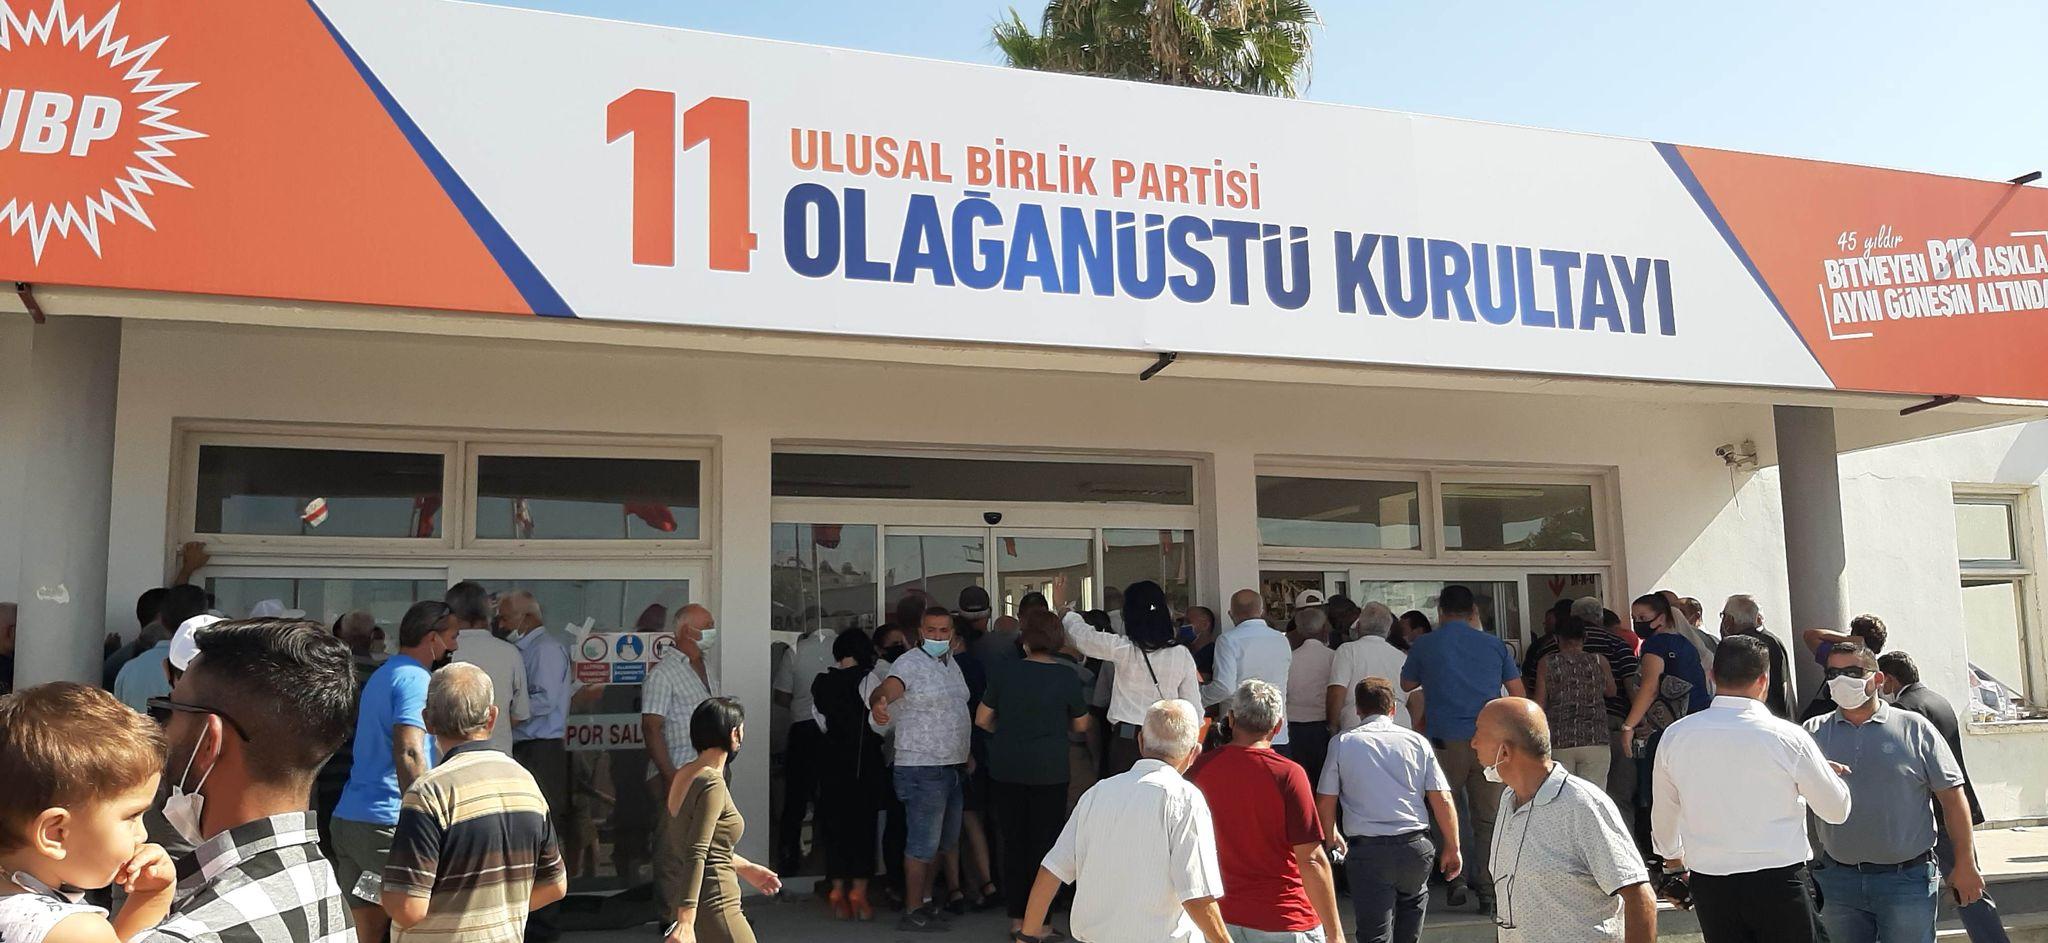 ozgur_gazete_kibris_Ulusal_Birlik_Partisi_1_1_Olaganustu_Kurultayi_bugun_yapiliyor3